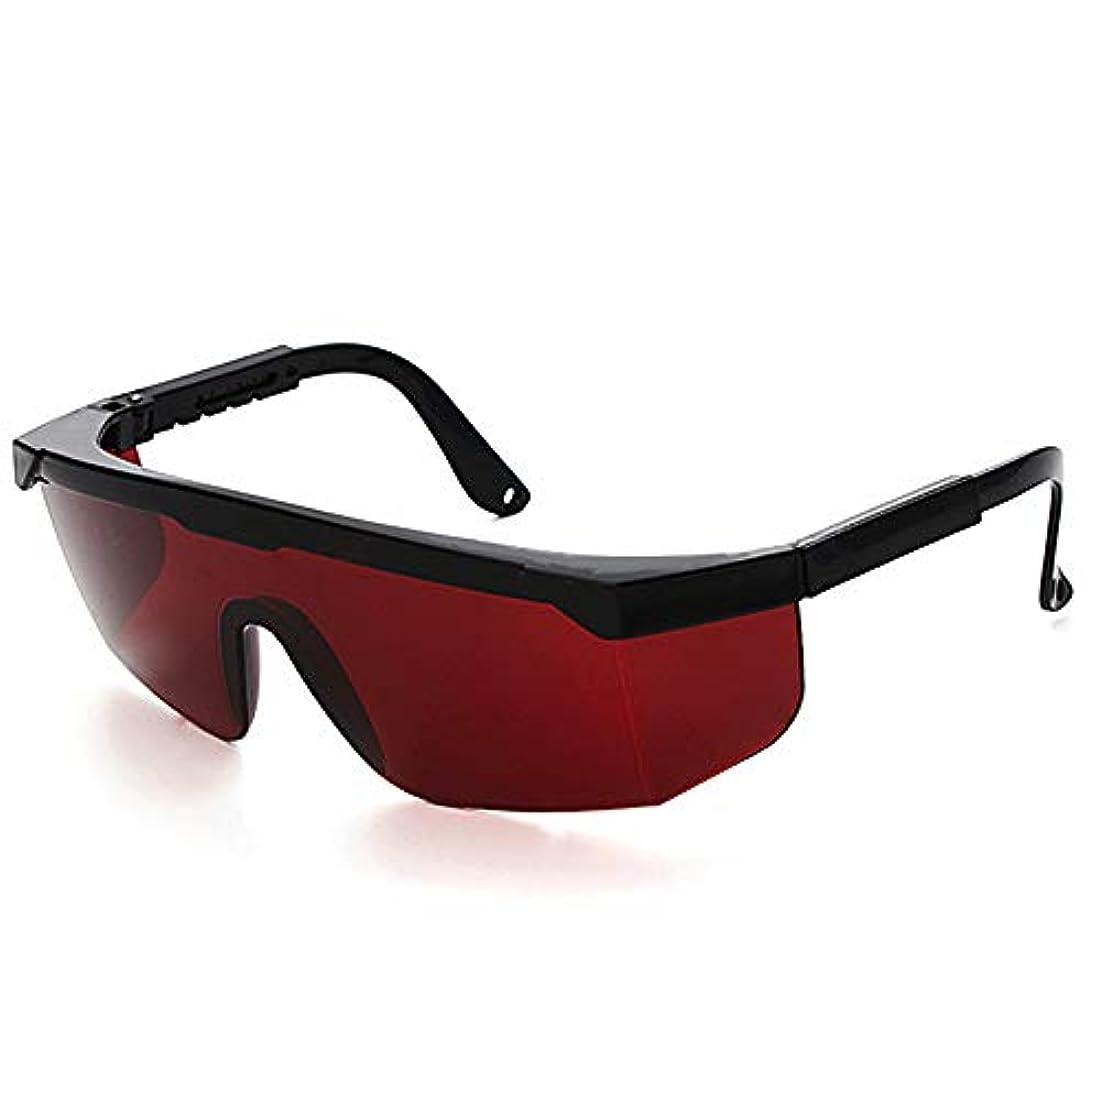 パン屋シェーバー符号Jiayaofu レーザー保護メガネIPL美容機器メガネレーザーペアIPLメガネ、安全メガネ